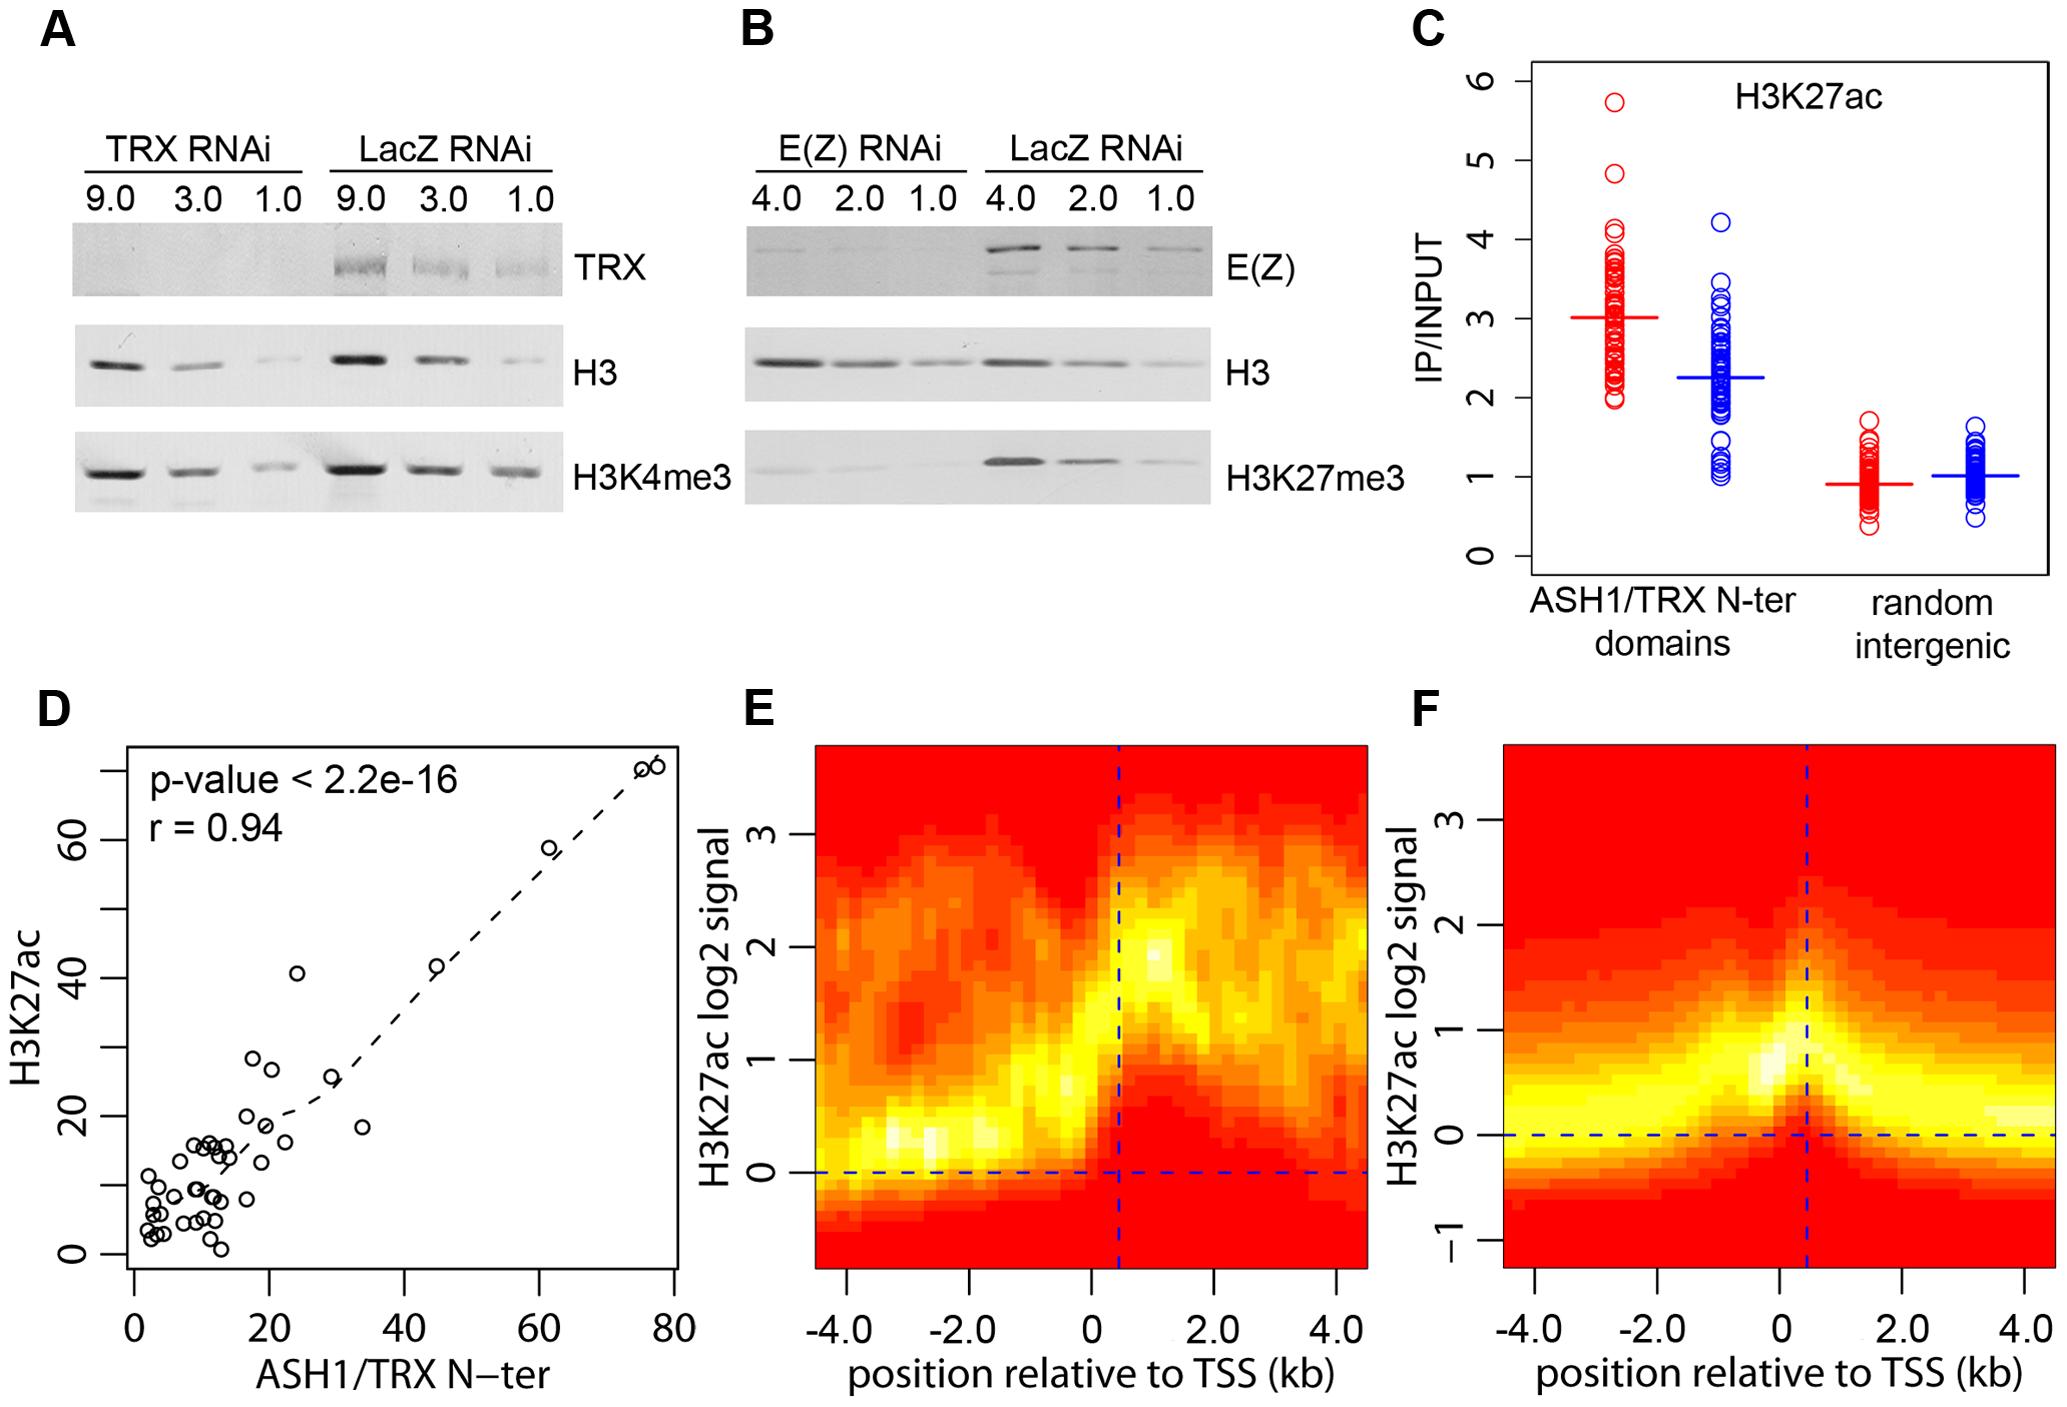 H3K27ac and ASH1/TRX N-ter domains.